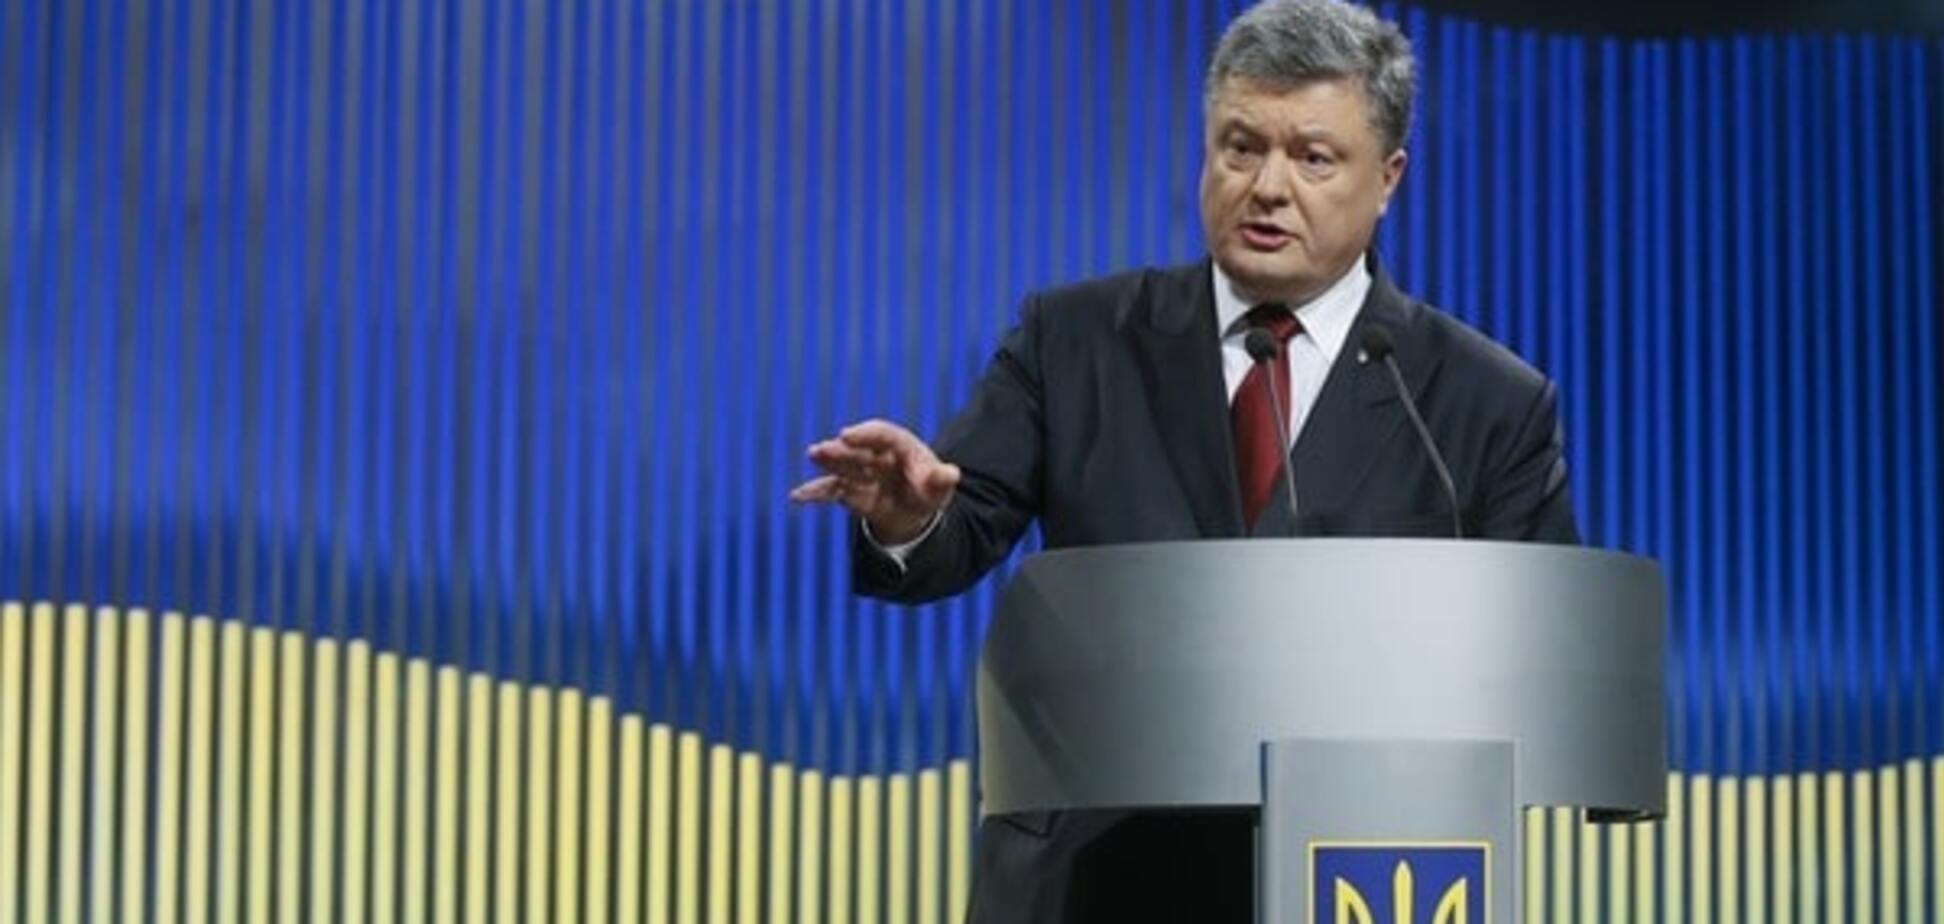 Порошенко: опасность войны между Украиной и Россией возросла